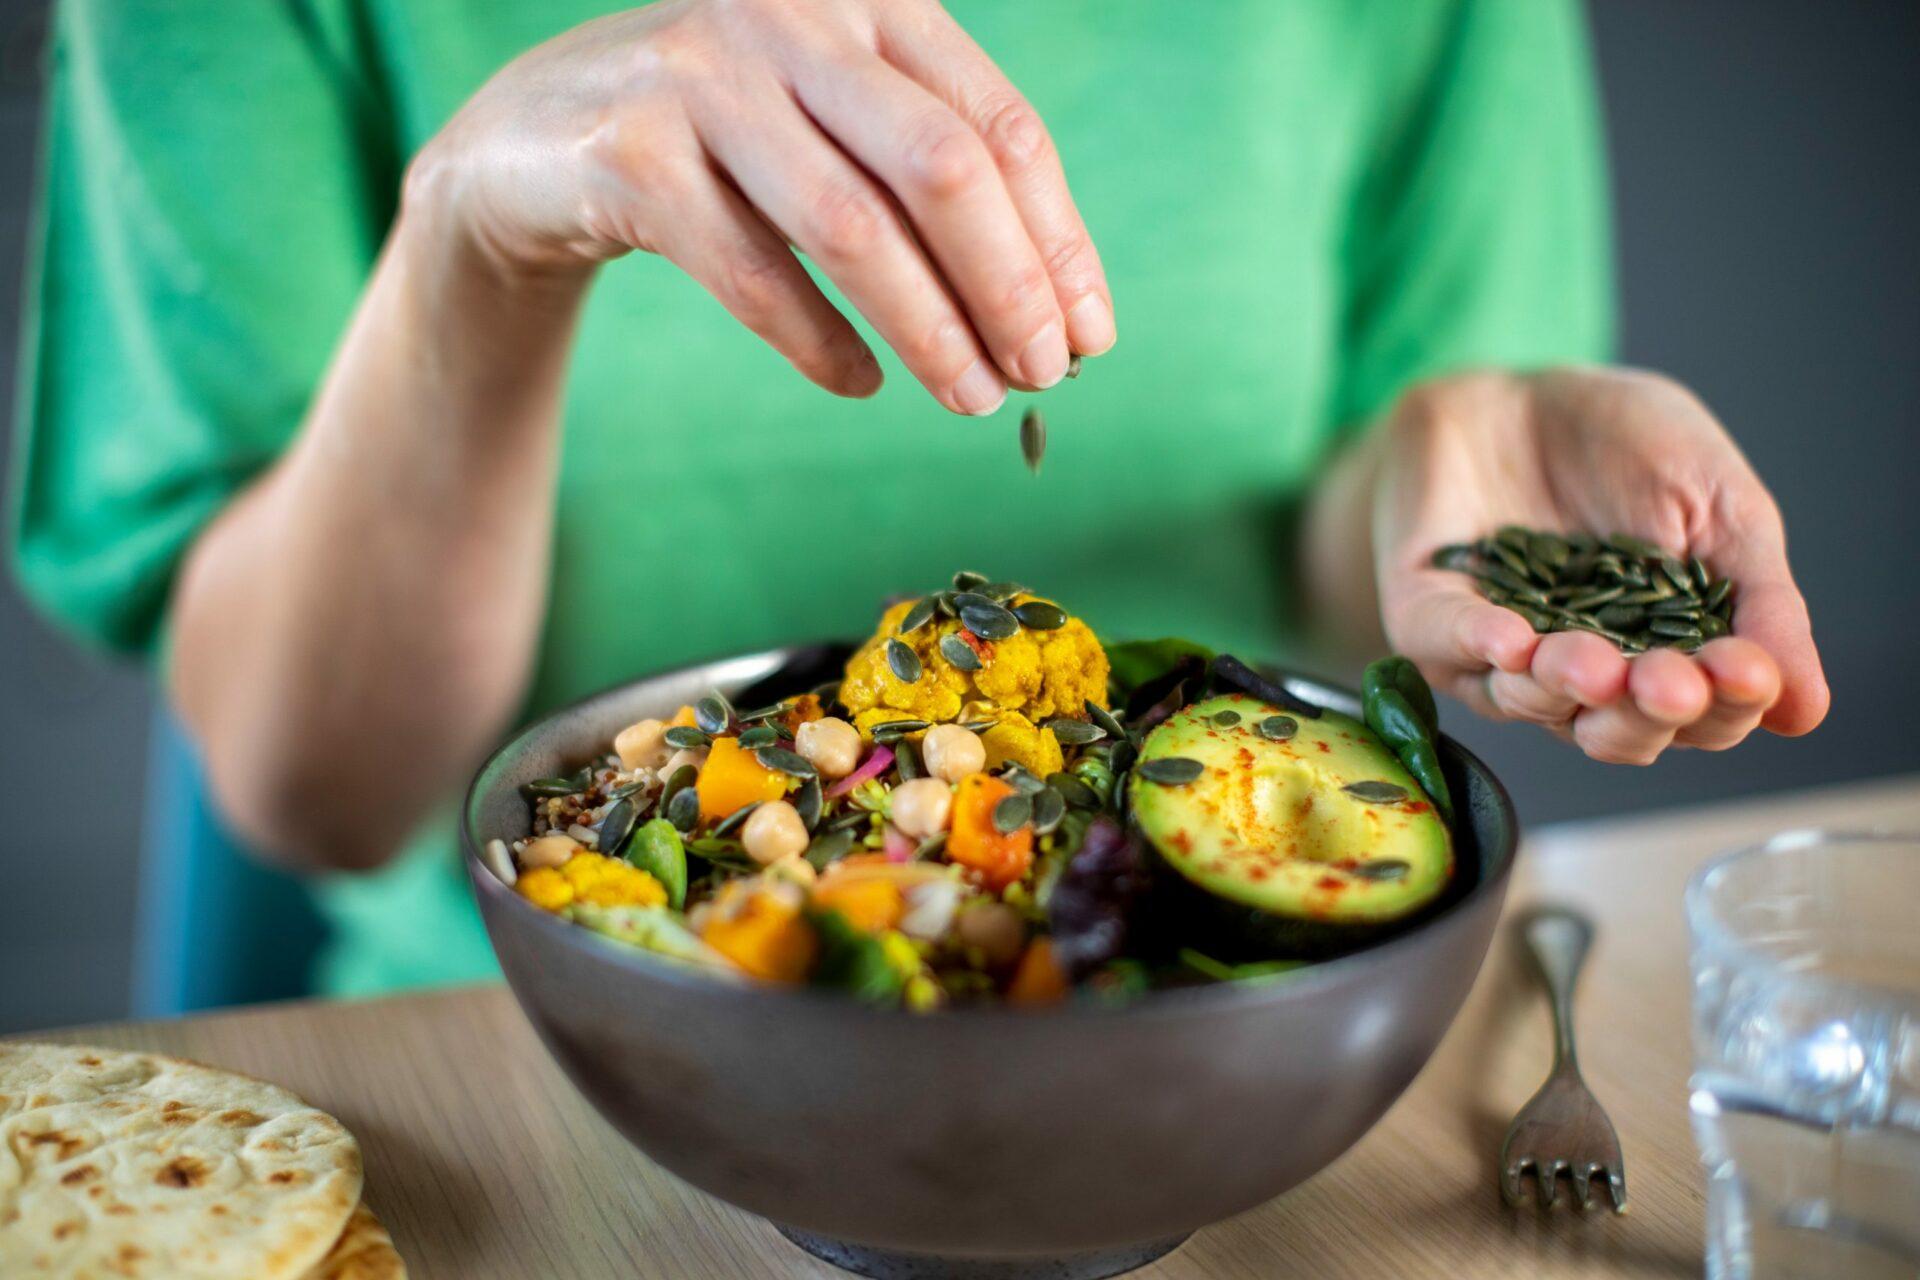 Диетолог Маклид посоветовала добавлять семечки и овощи в обычные блюда